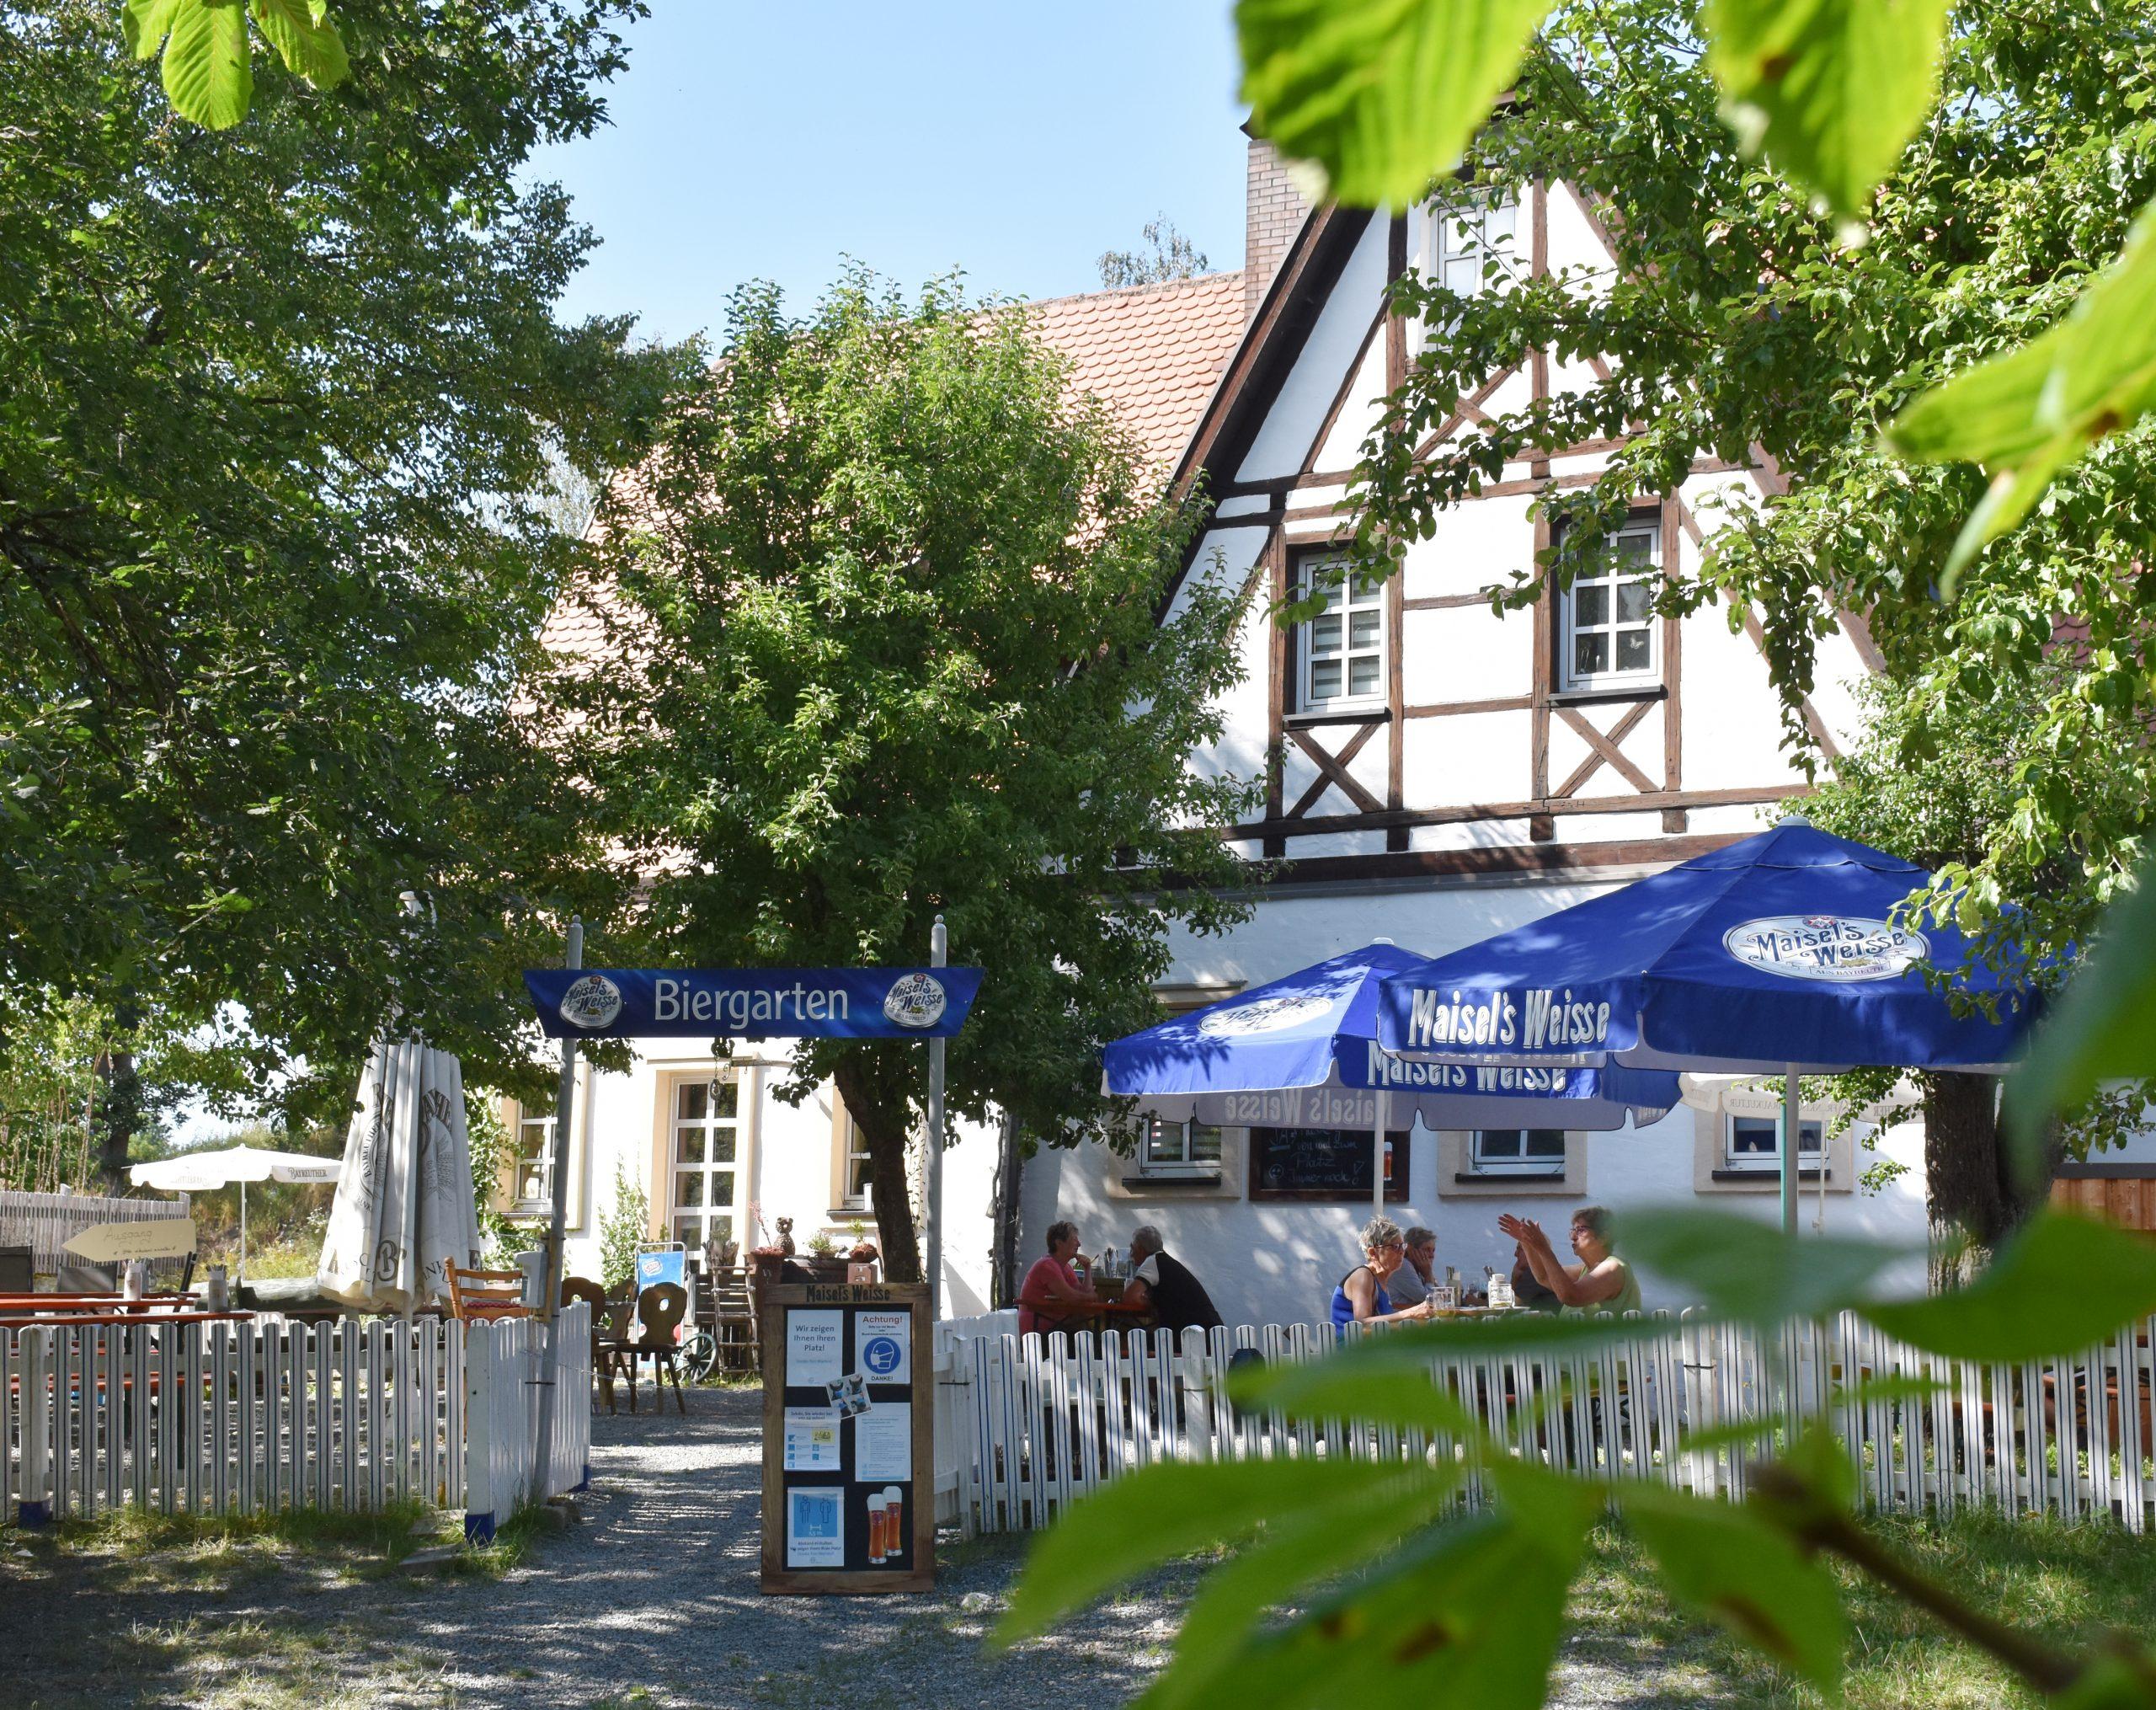 Biergarten Tauritzmühle